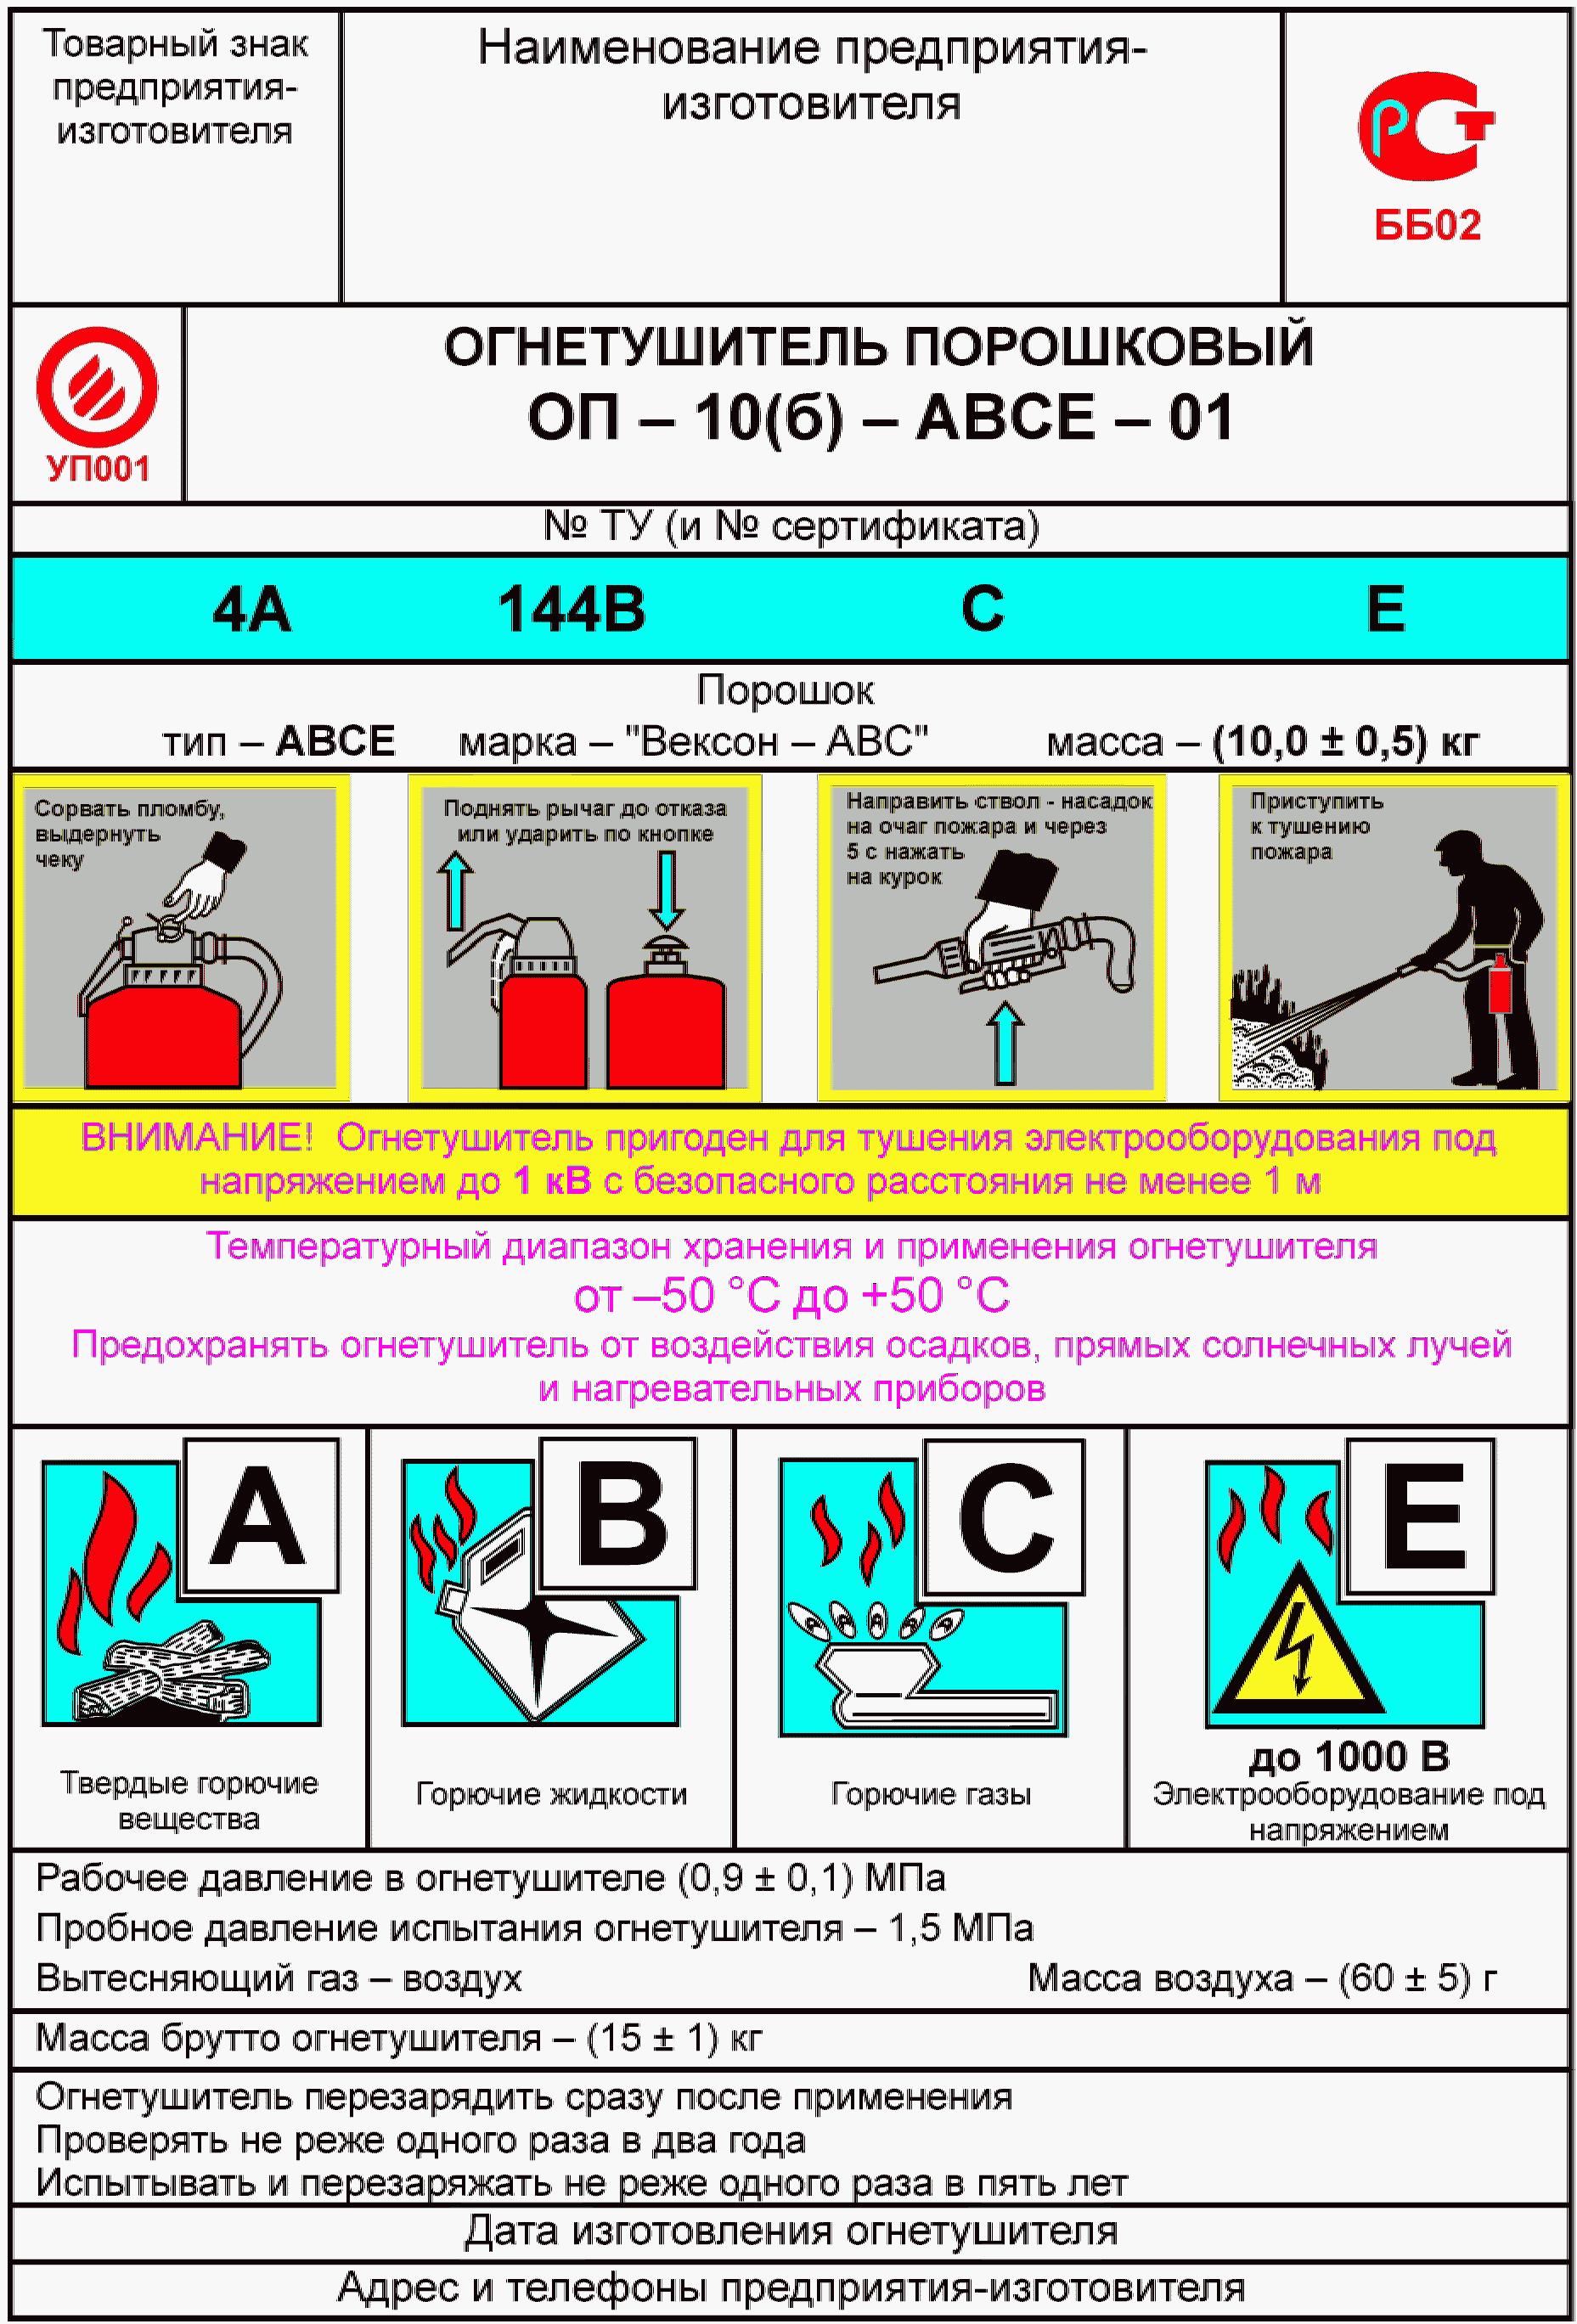 Пример этикетки огнетушителя